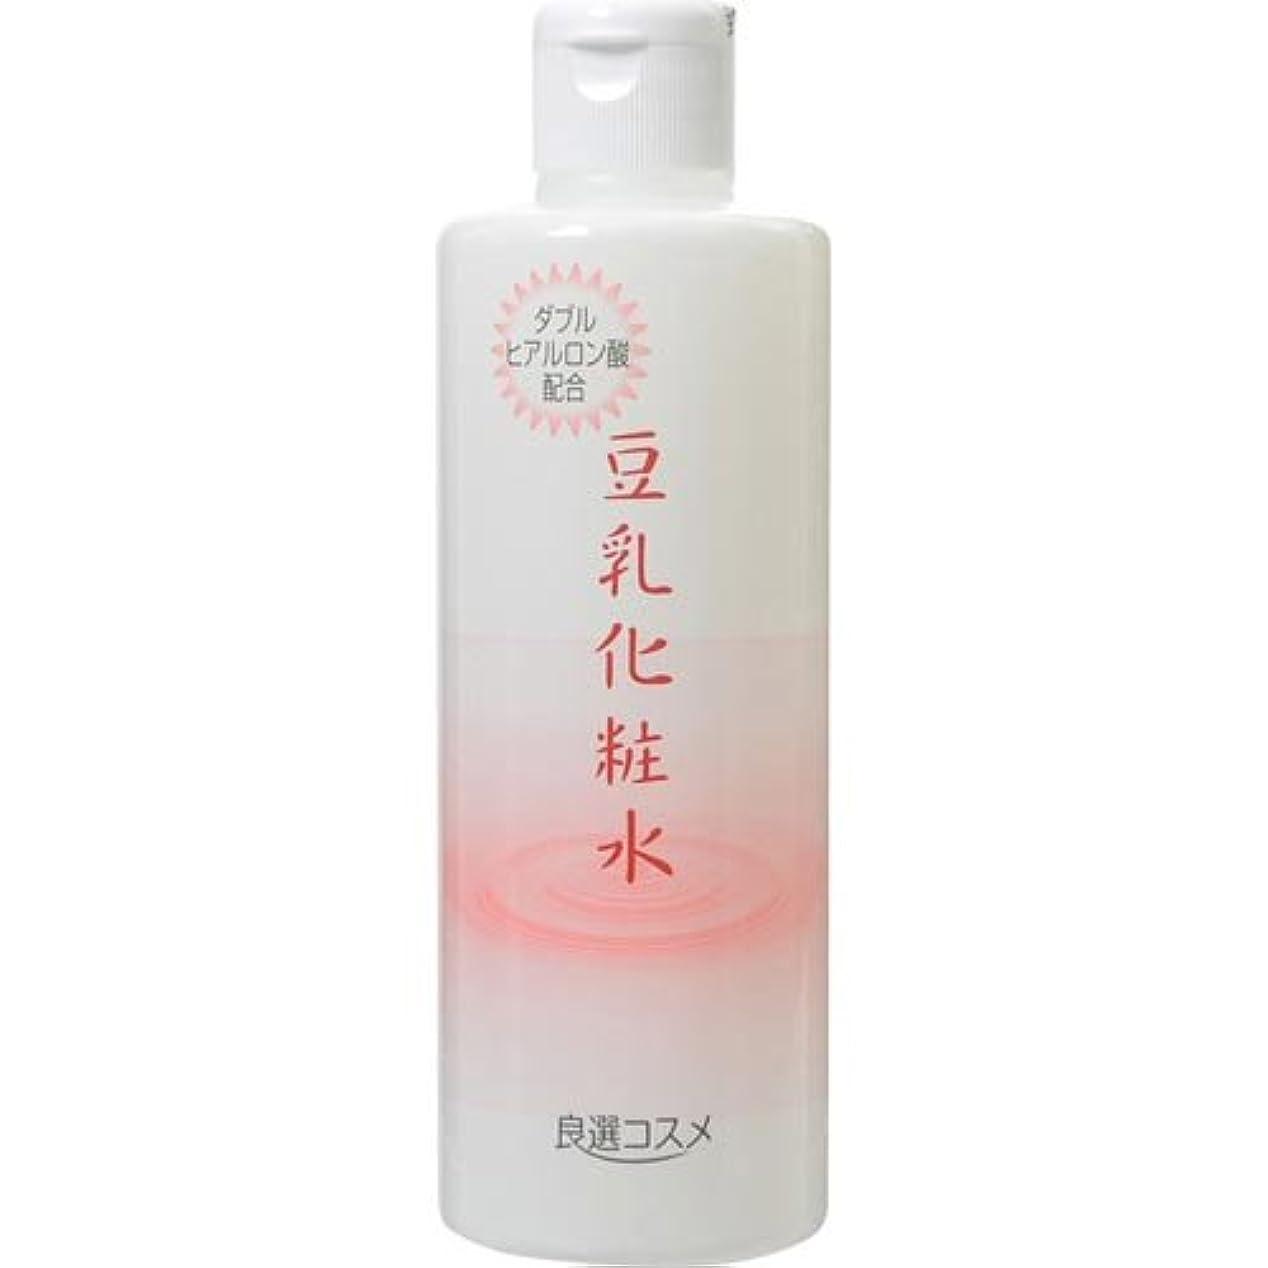 すべきサラミ解き明かす良選企画 豆乳化粧水 300ml